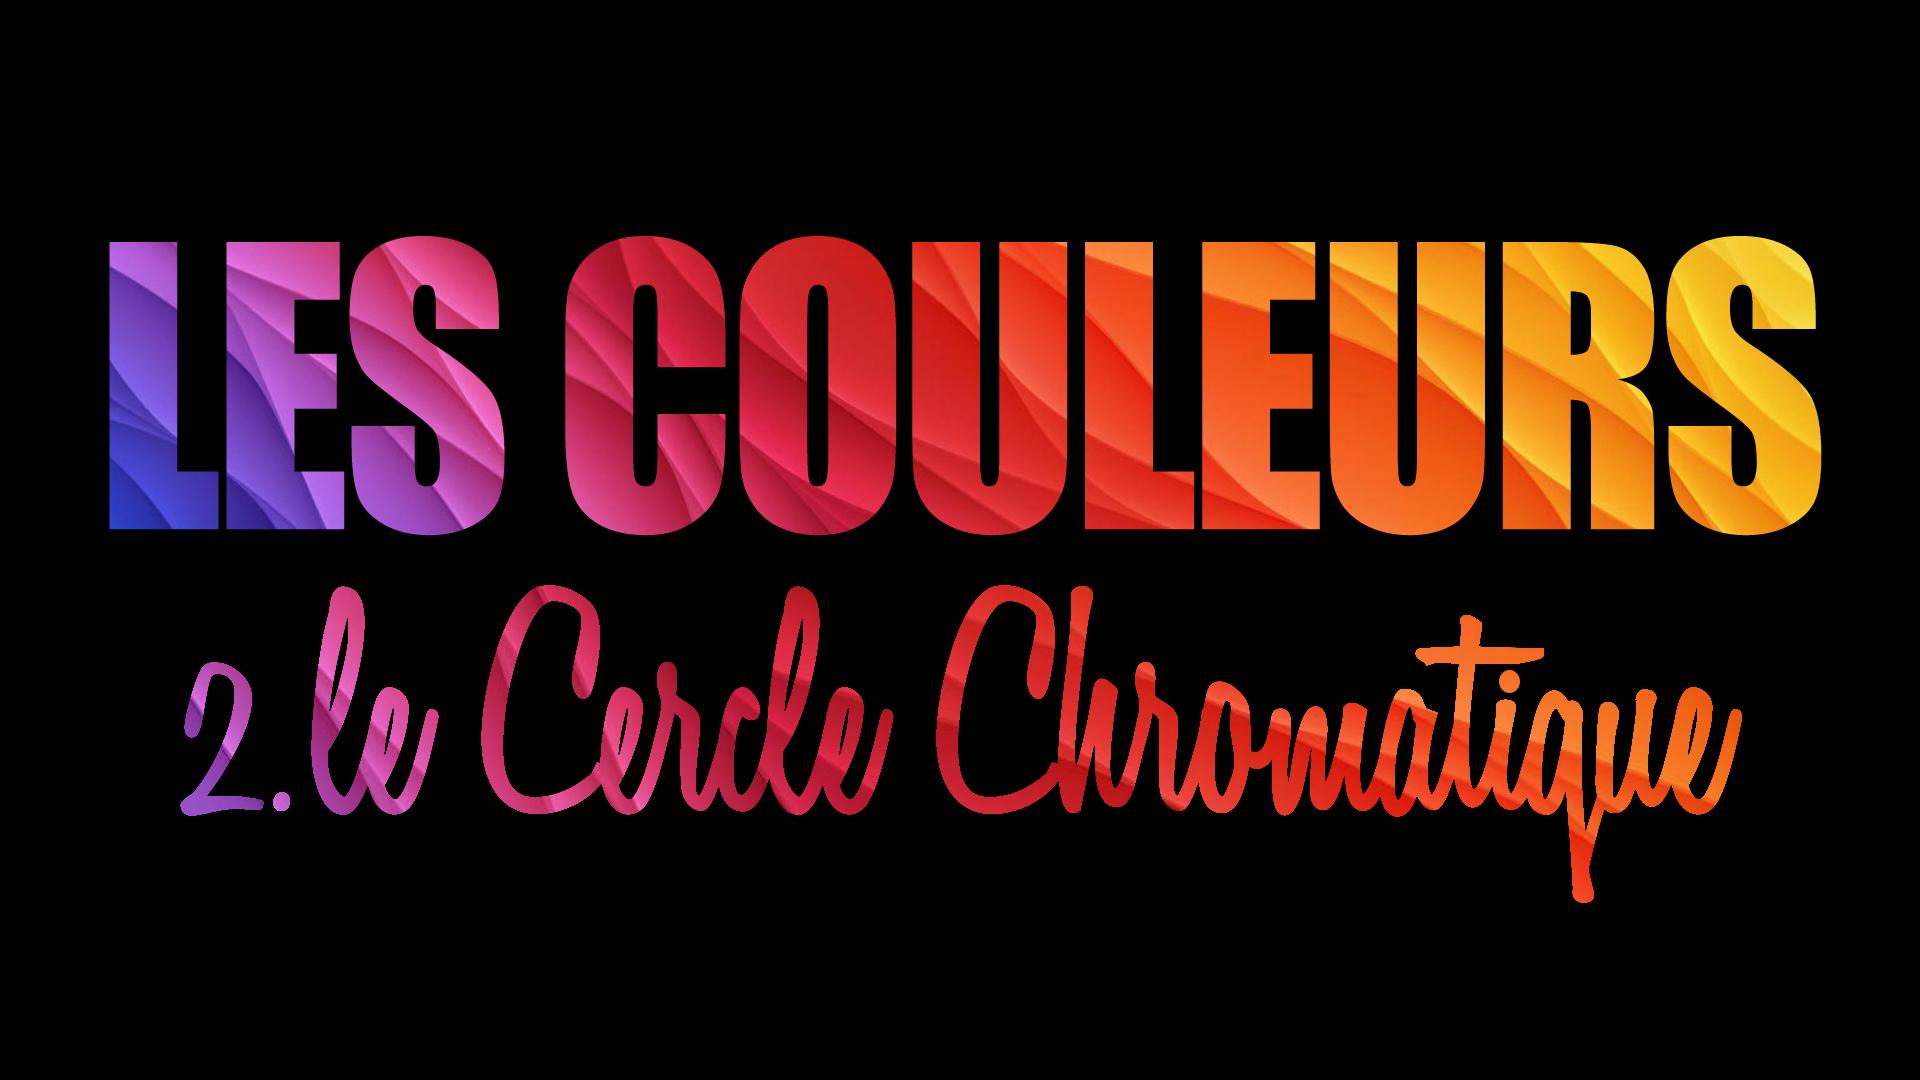 Le cercle chromatique peinture pour tous - Cercle chromatique peinture ...